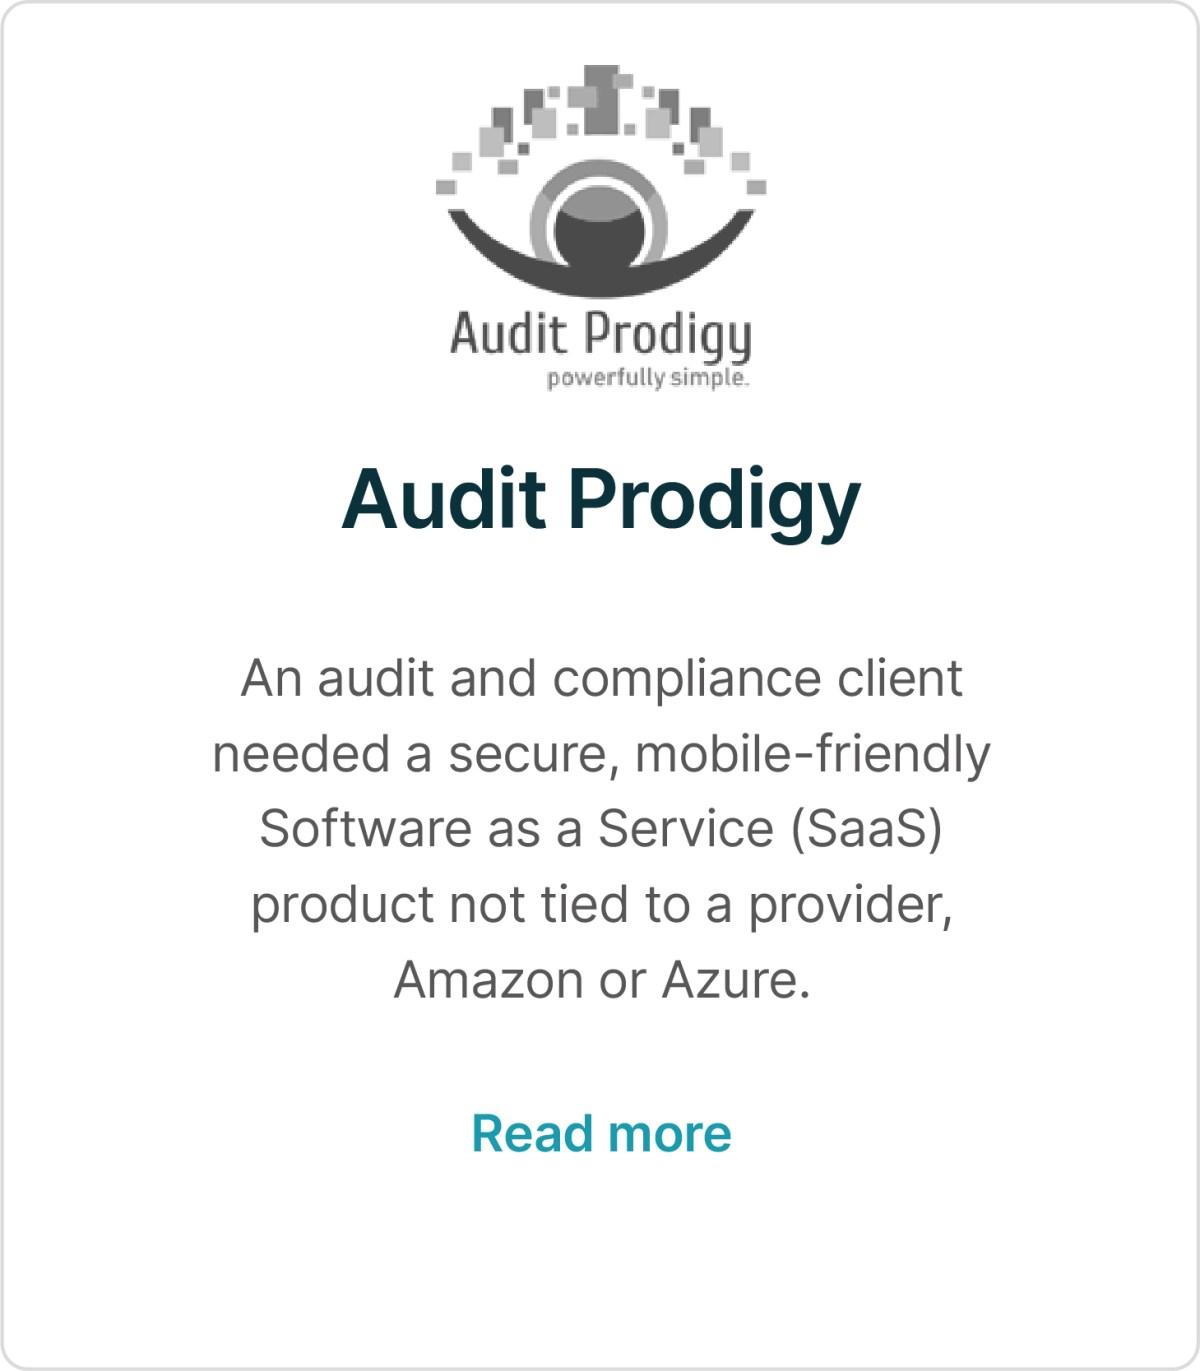 AuditProdigy